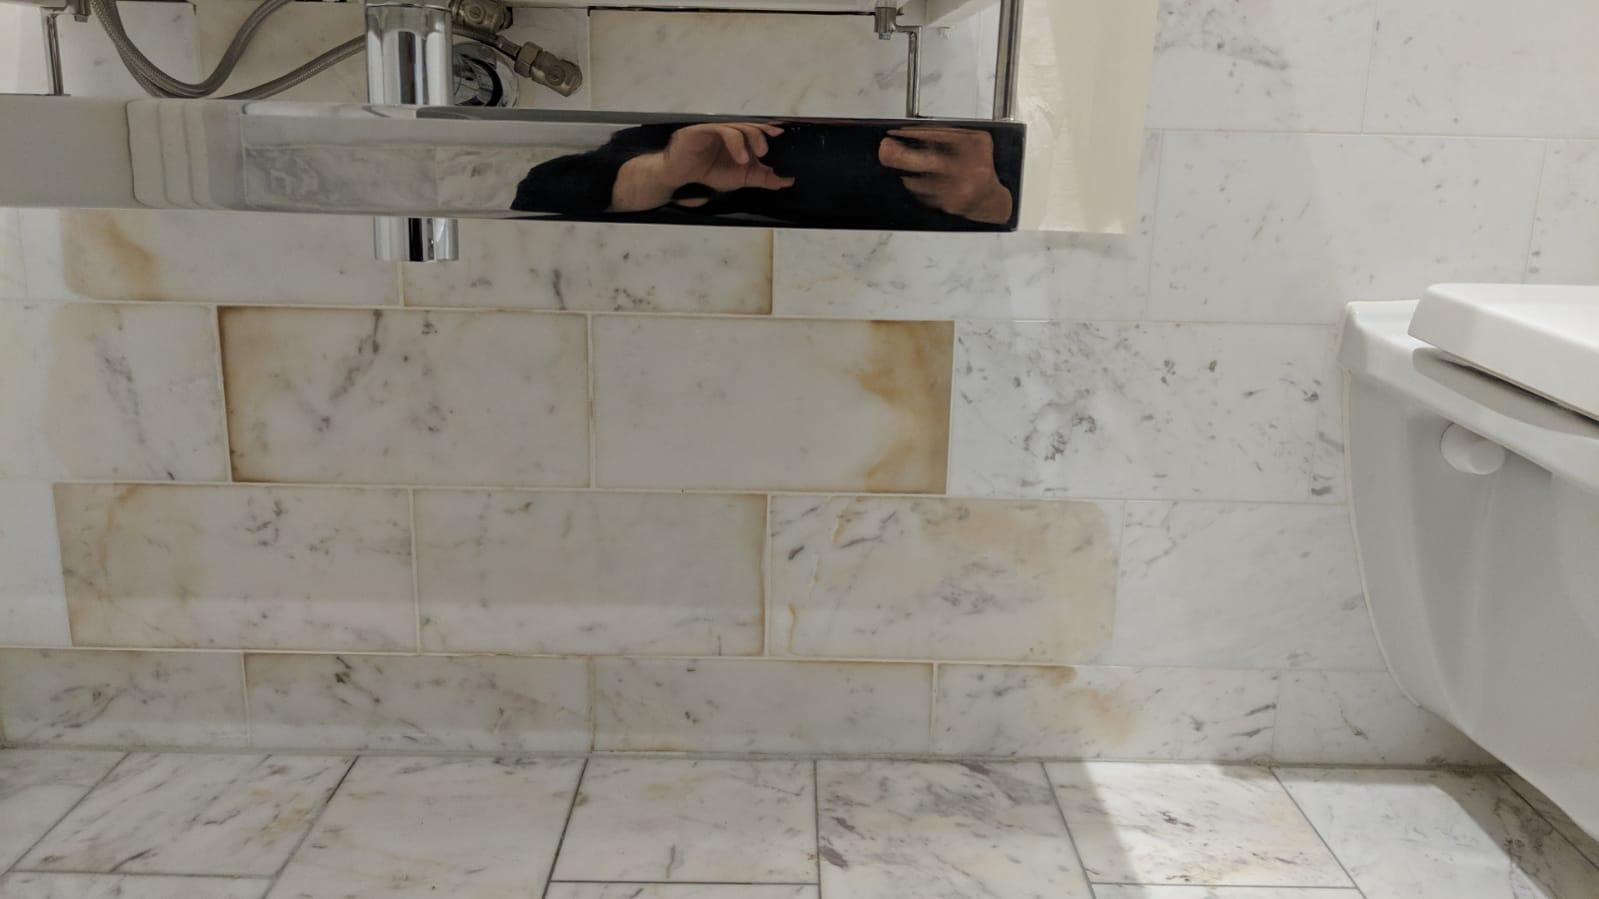 Damaged marble